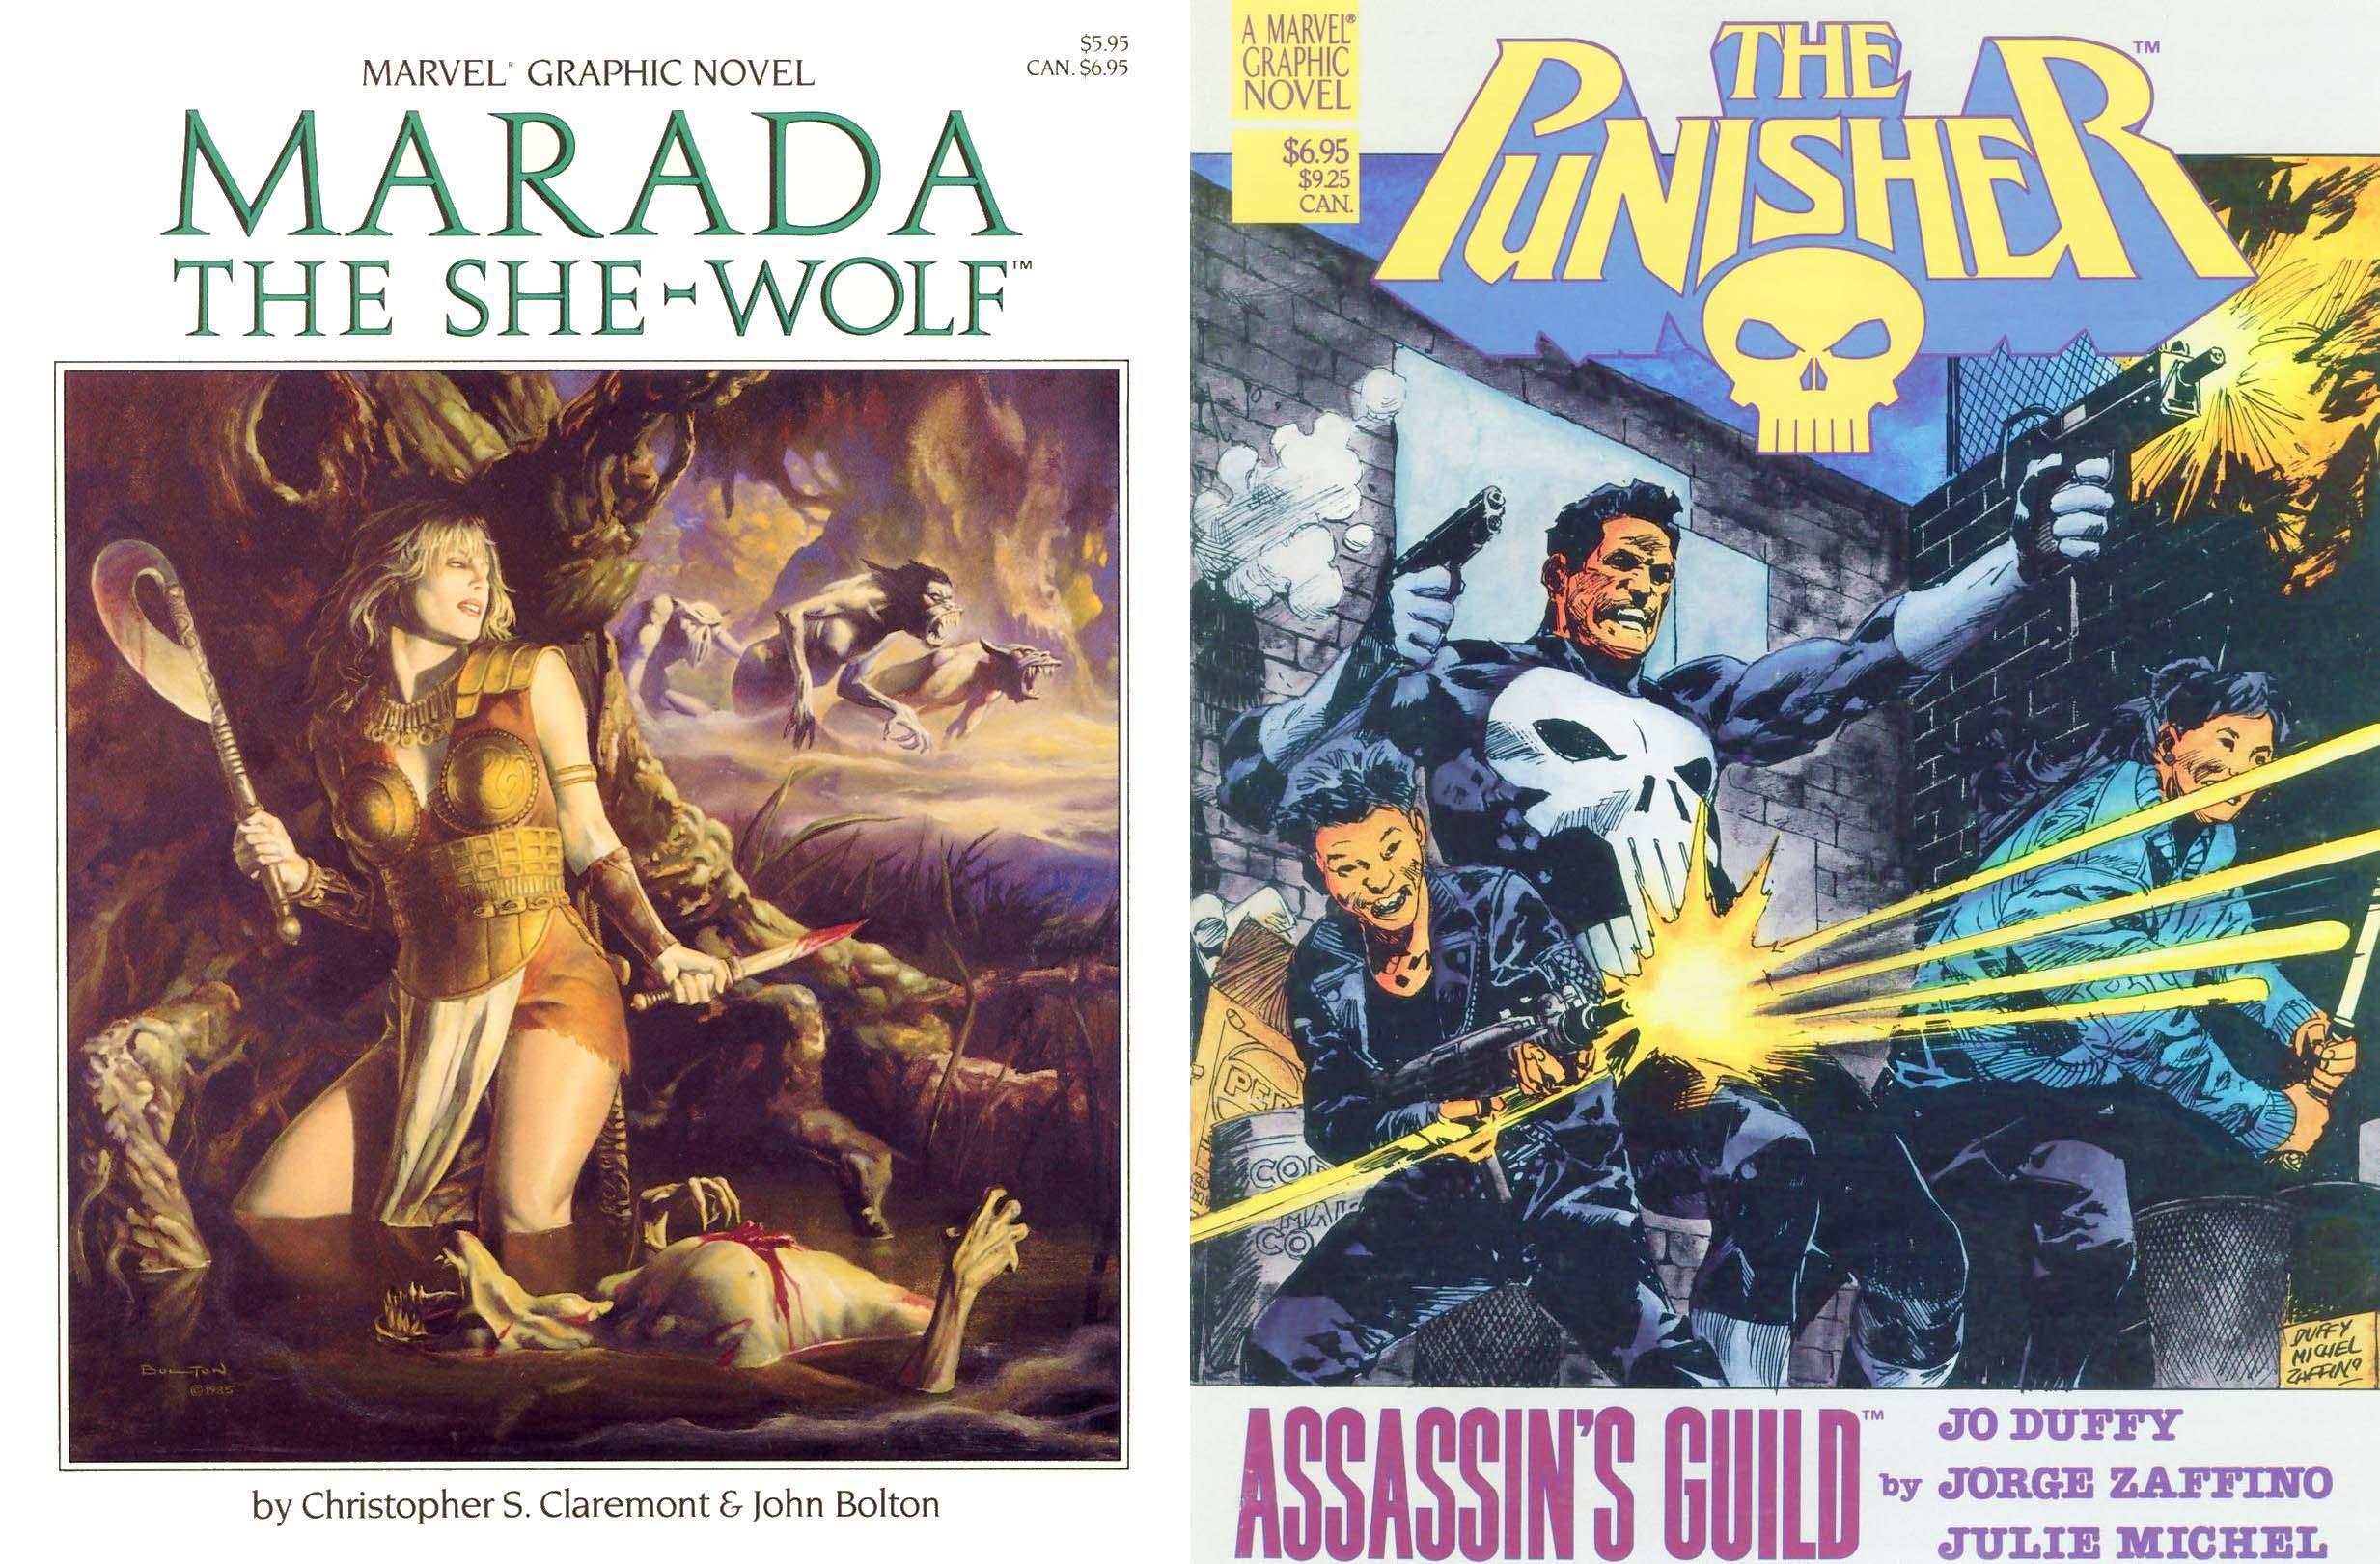 Marvel Graphic Novels #21-40 Compilation (Part 2)